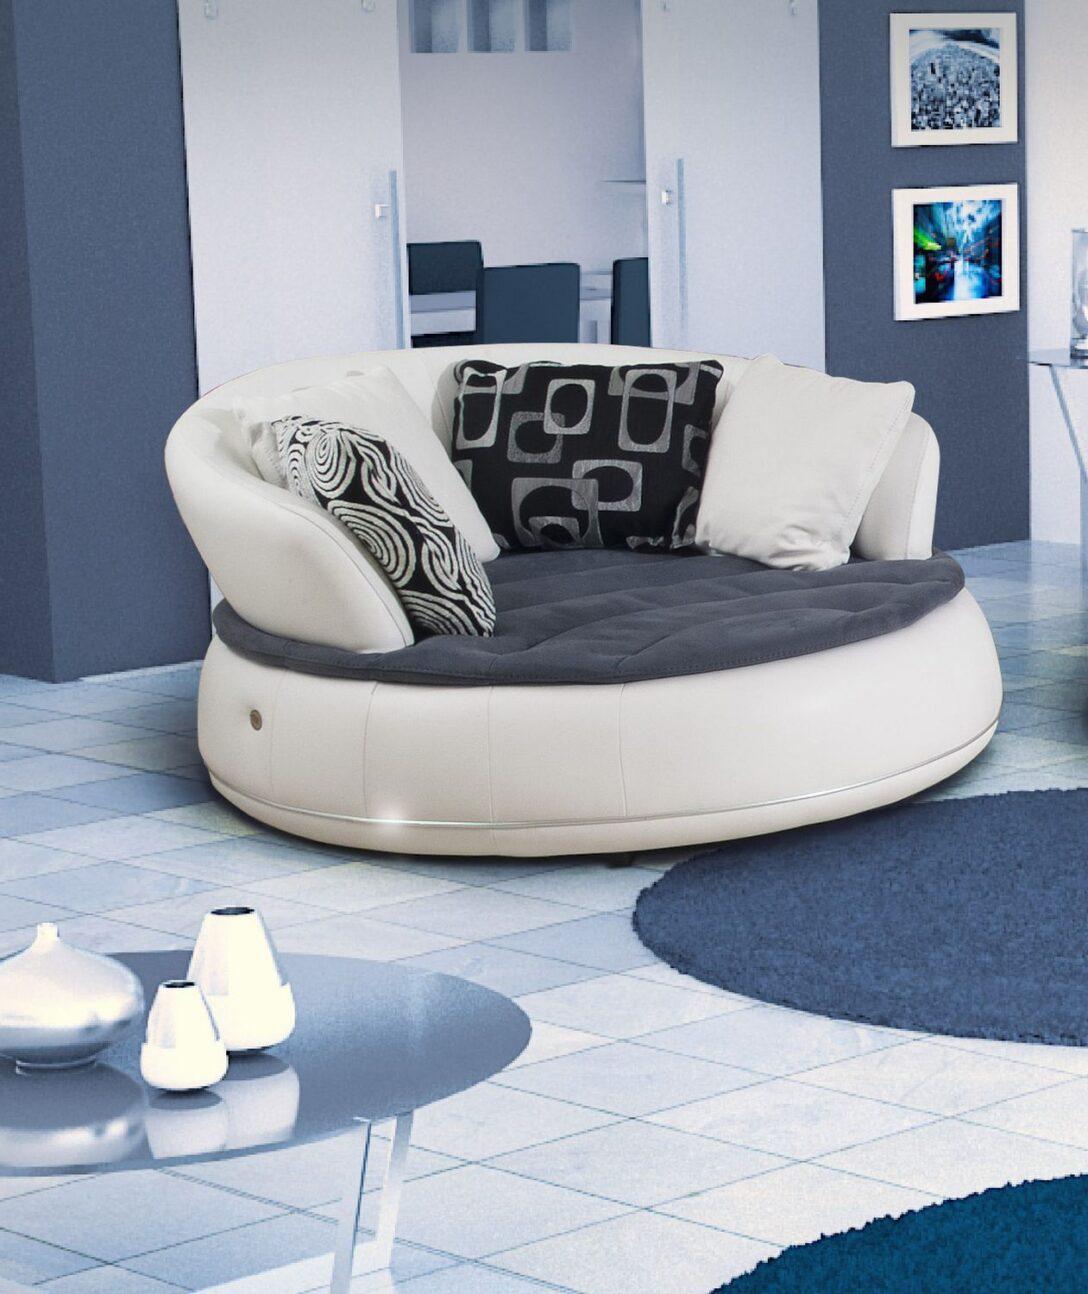 Large Size of Sofa Rund Klein Couchtisch Couch Wk Stoff Grau Rahaus Chesterfield Hannover Mit Relaxfunktion 3 Sitzer Liege Lounge Garten Schlaffunktion Federkern Big Sam Auf Wohnzimmer Sofa Rund Klein